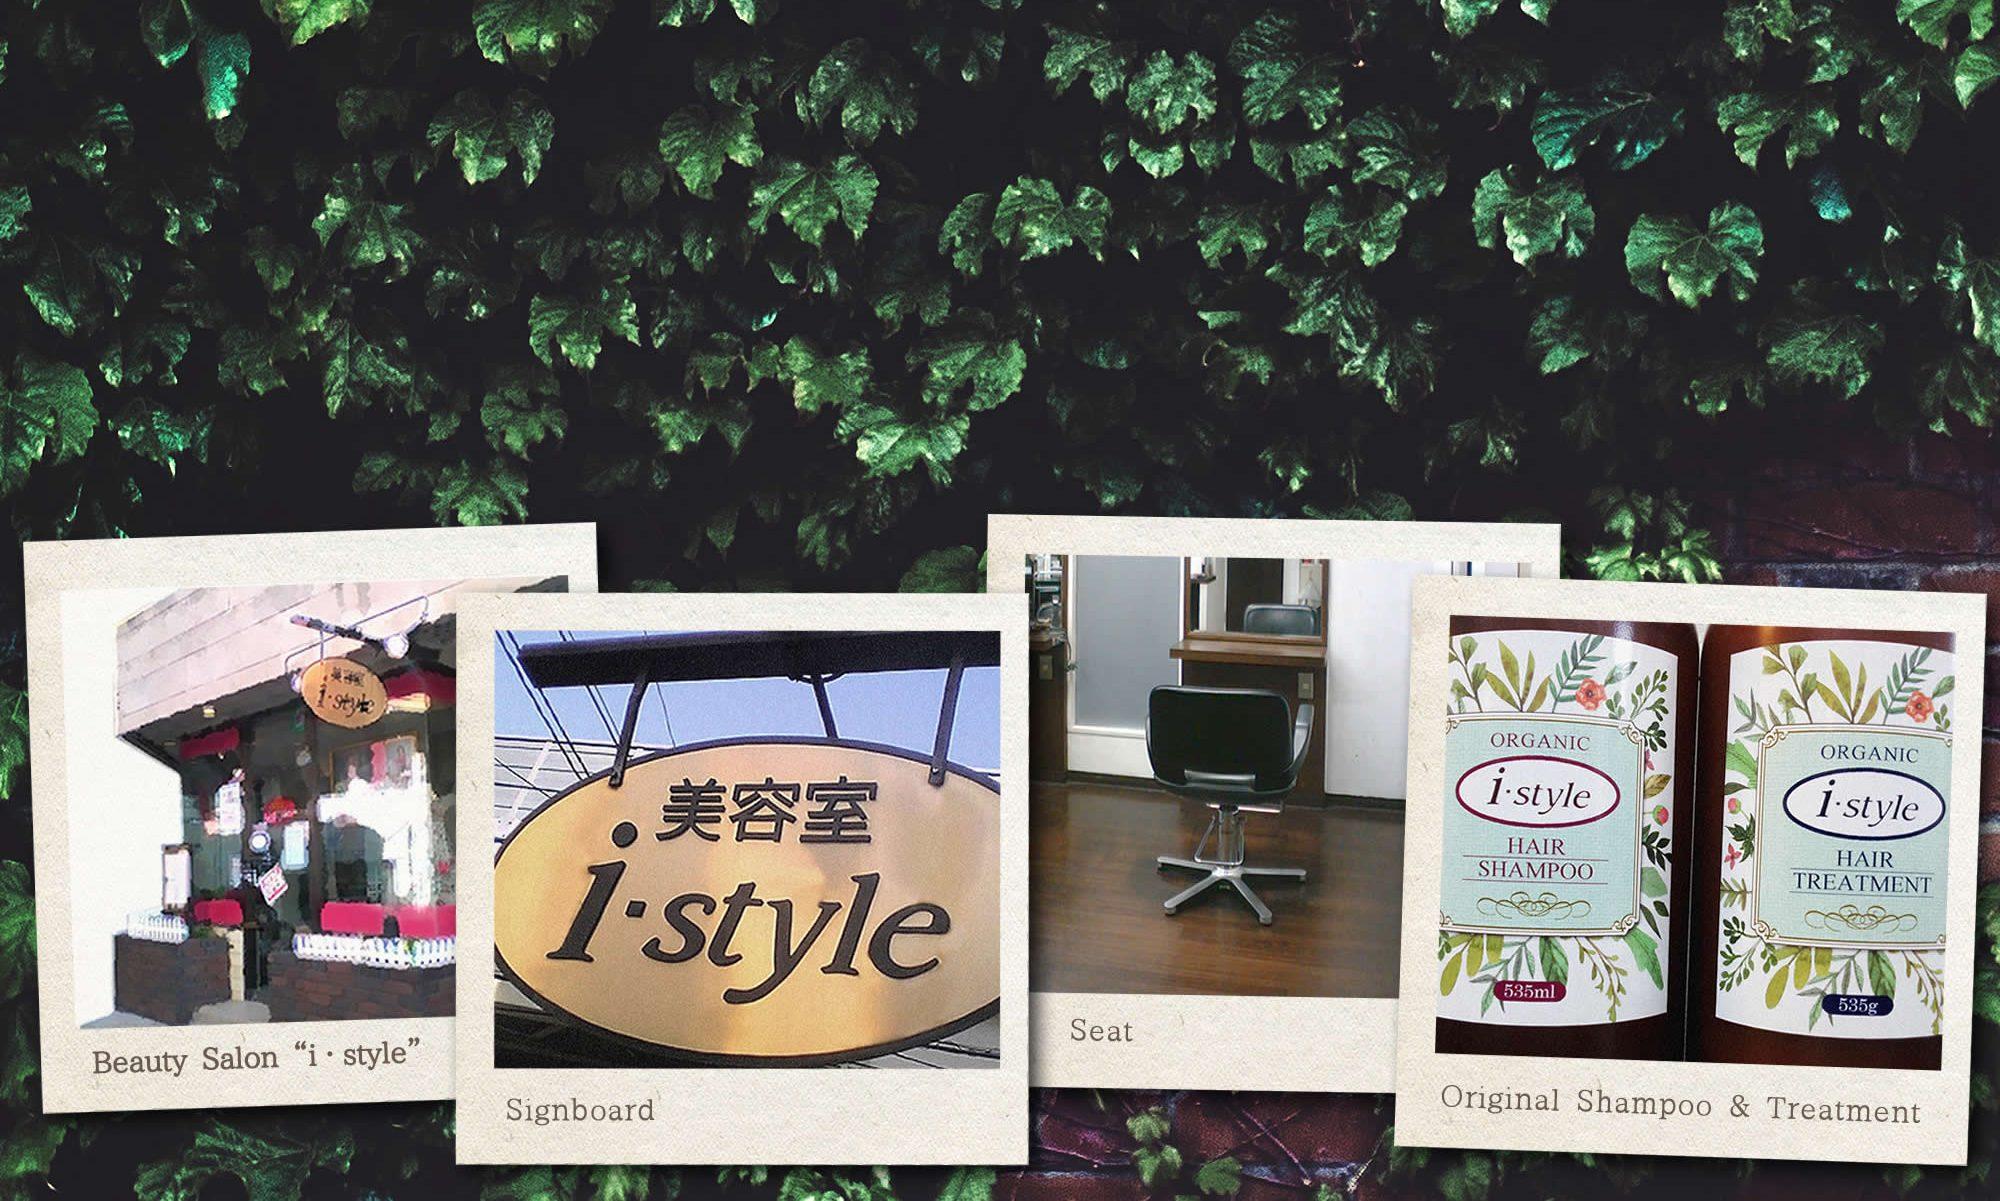 相模大野 相模原市 美容院 i-style 「美容室 アイ・スタイル」 ブログ